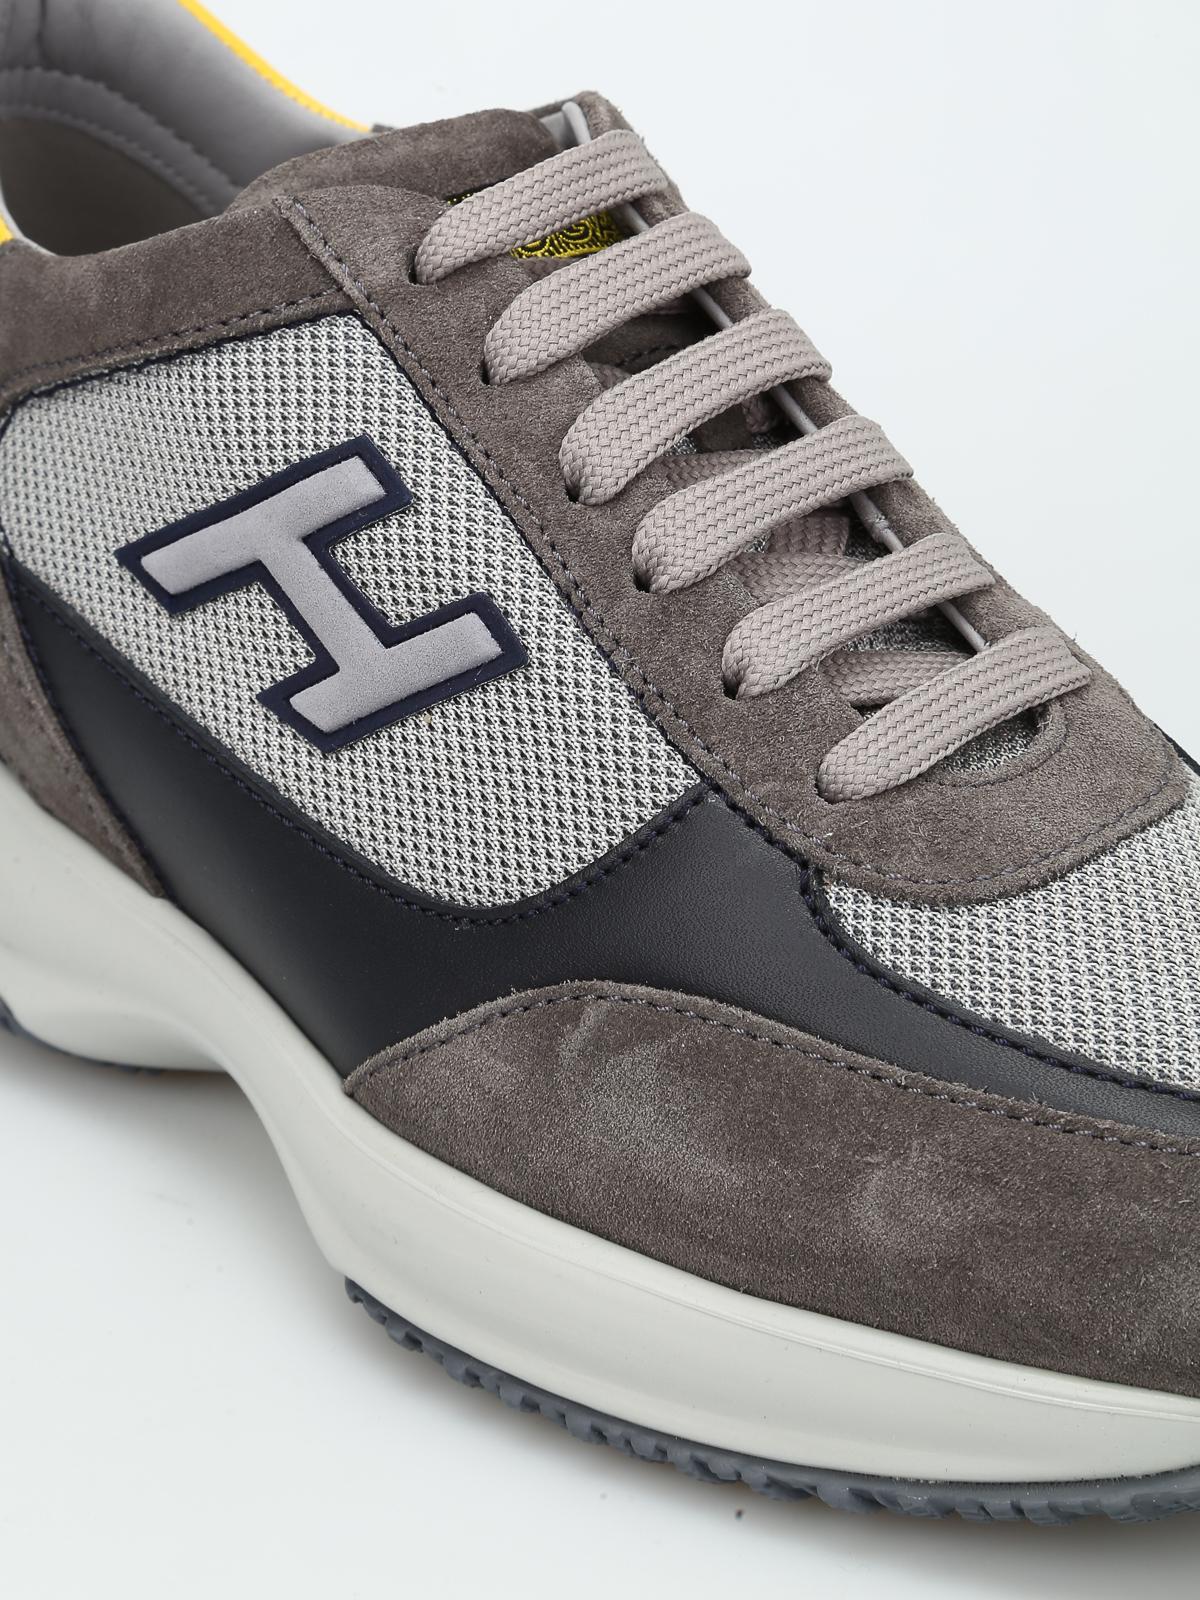 Sneakers Hogan - Sneaker bicolore New Interactive - HXM00N0Q102FJ9637R